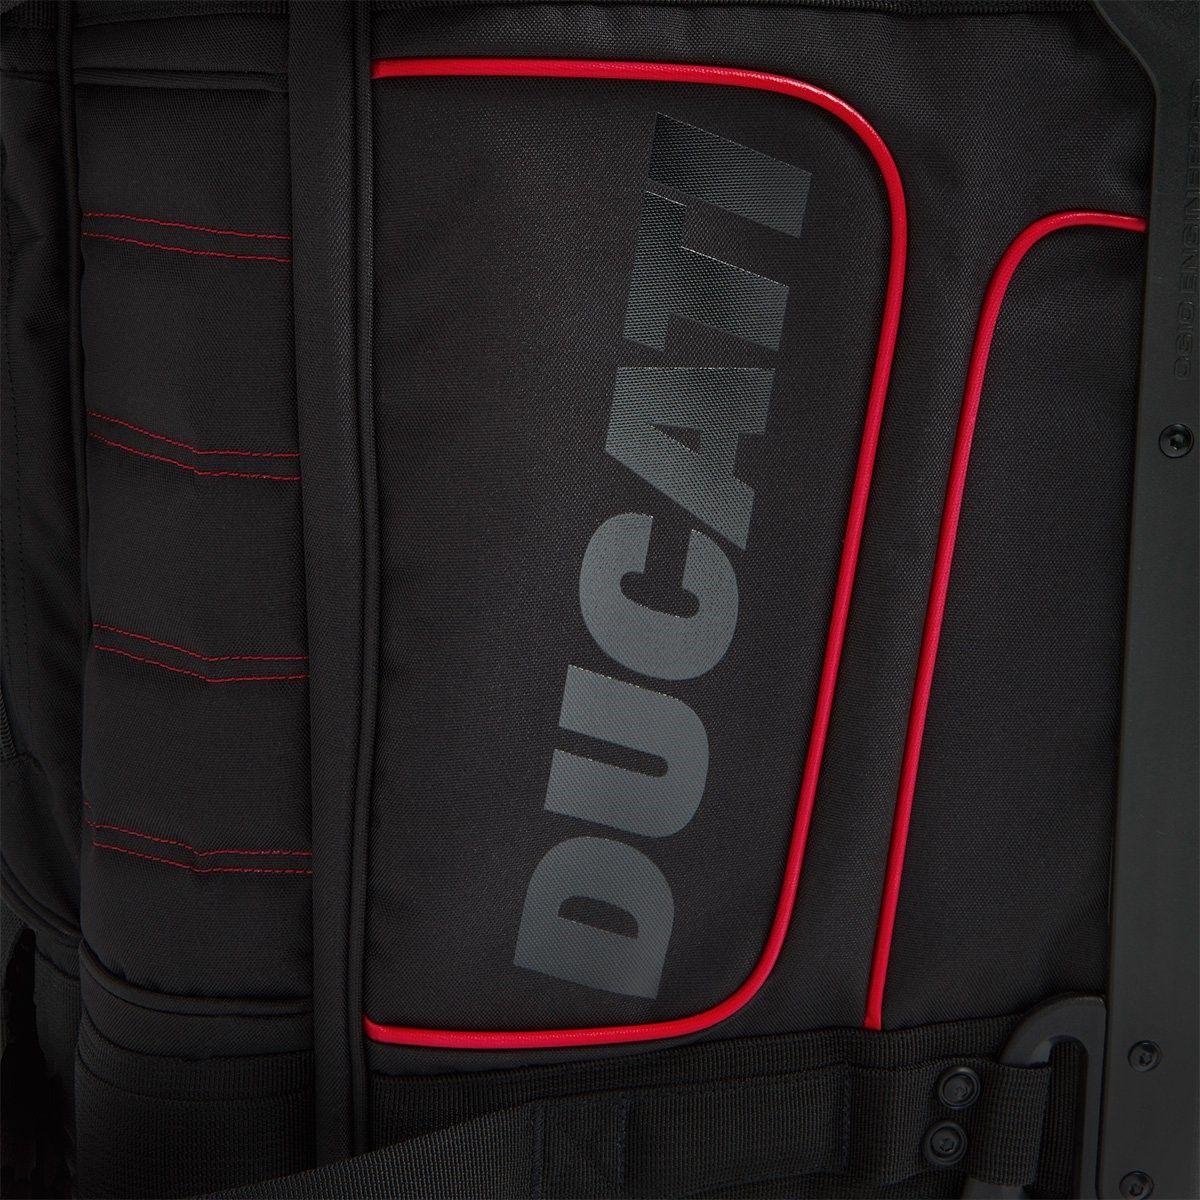 【DUCATI performance】Redline T1 trolley 輪子裝備包 - 「Webike-摩托百貨」